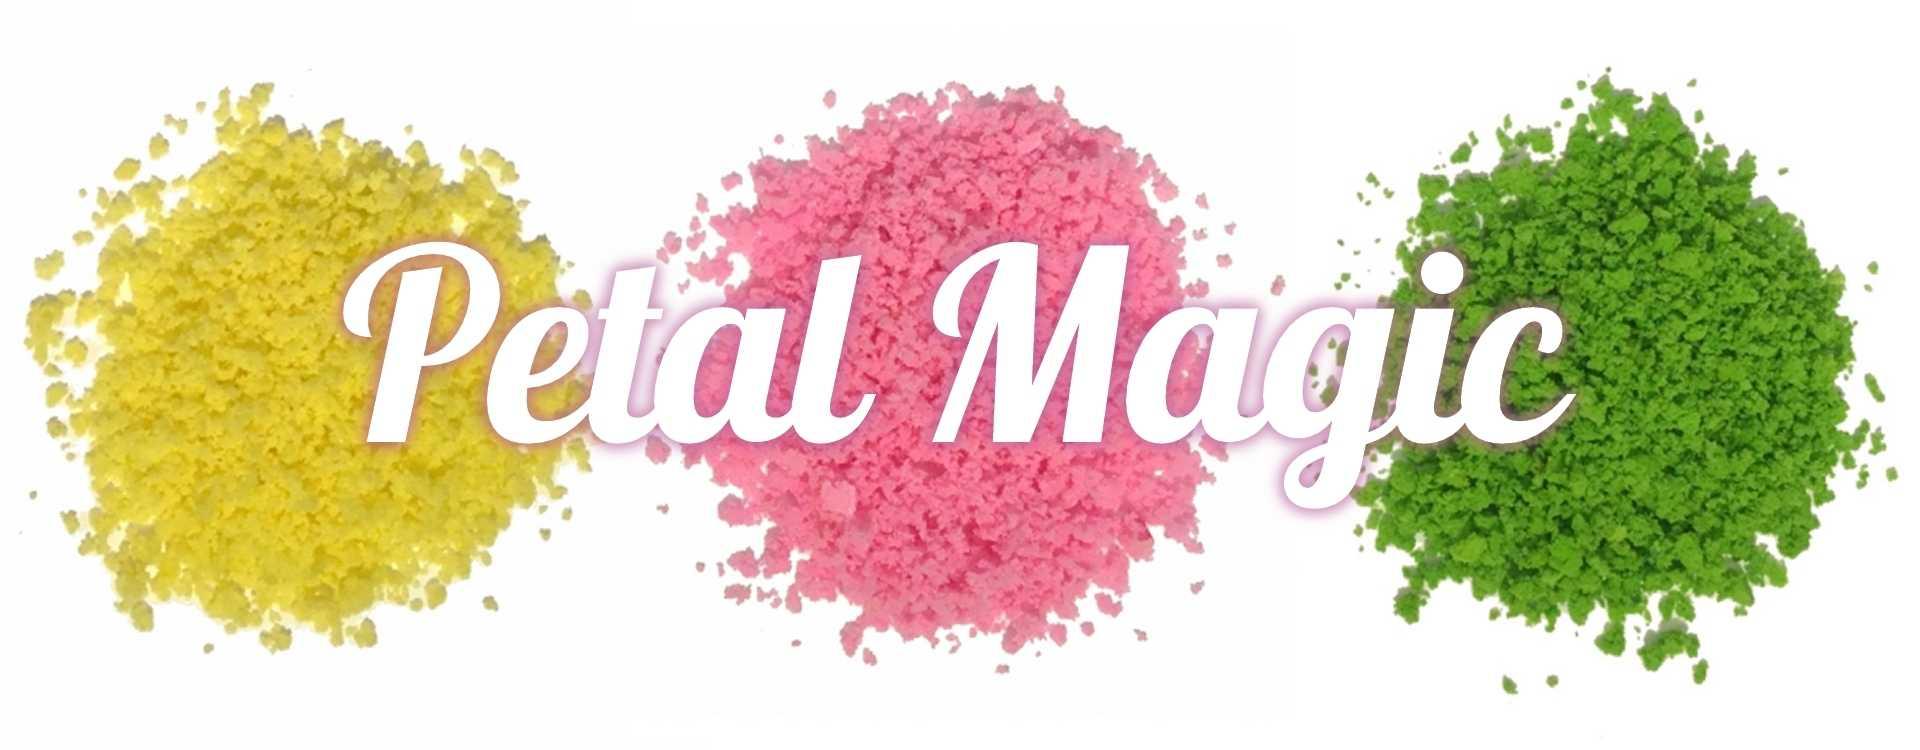 Petal Magic